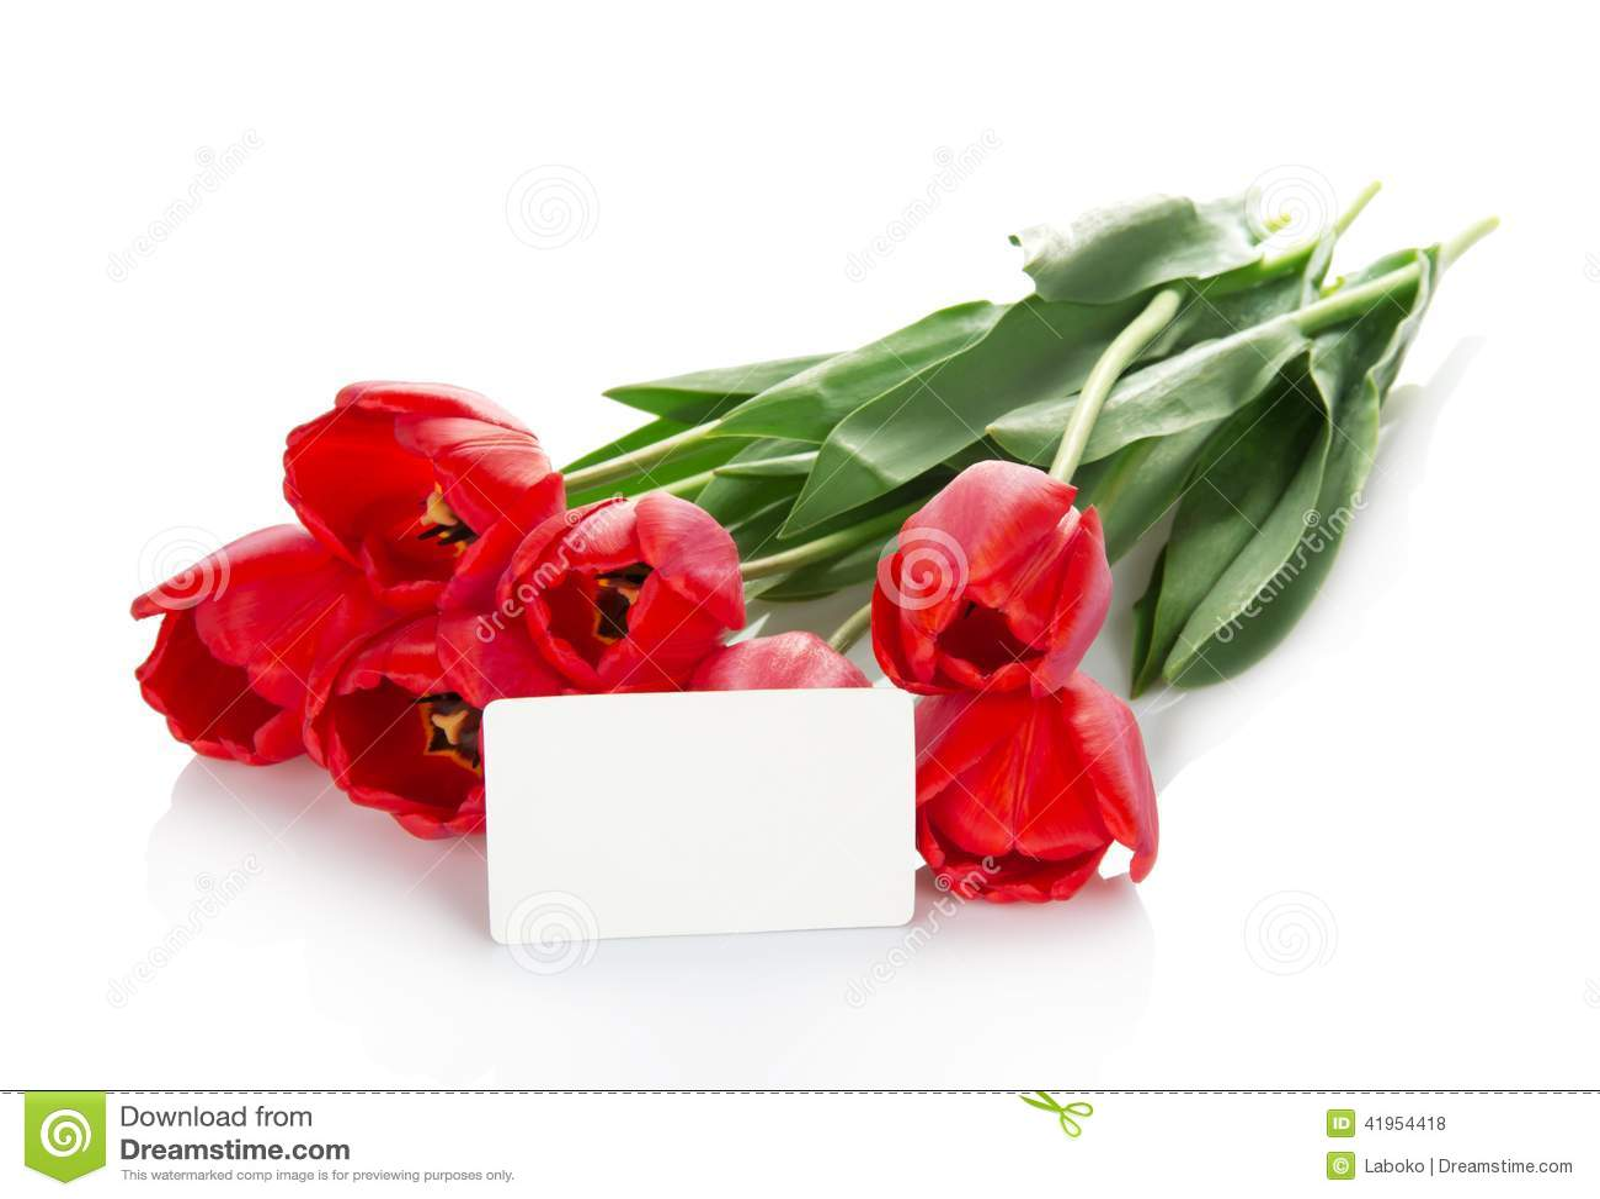 Jaskrawi czerwoni tulipany i opróżniają kartę dla listu